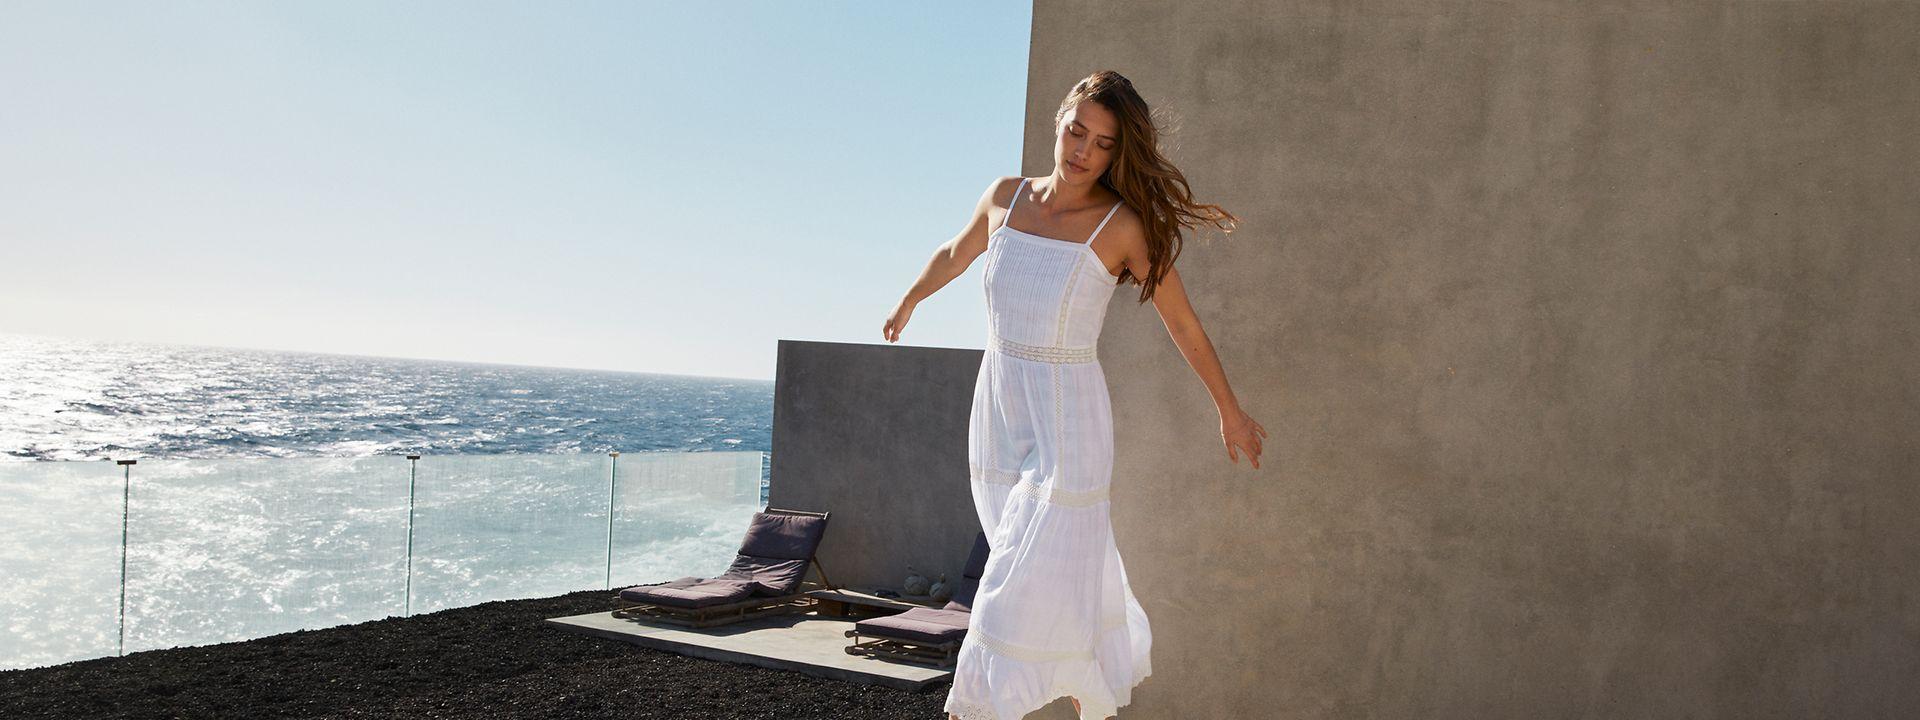 132021 - women - startpage - main banner - Easter Dresses - IMG